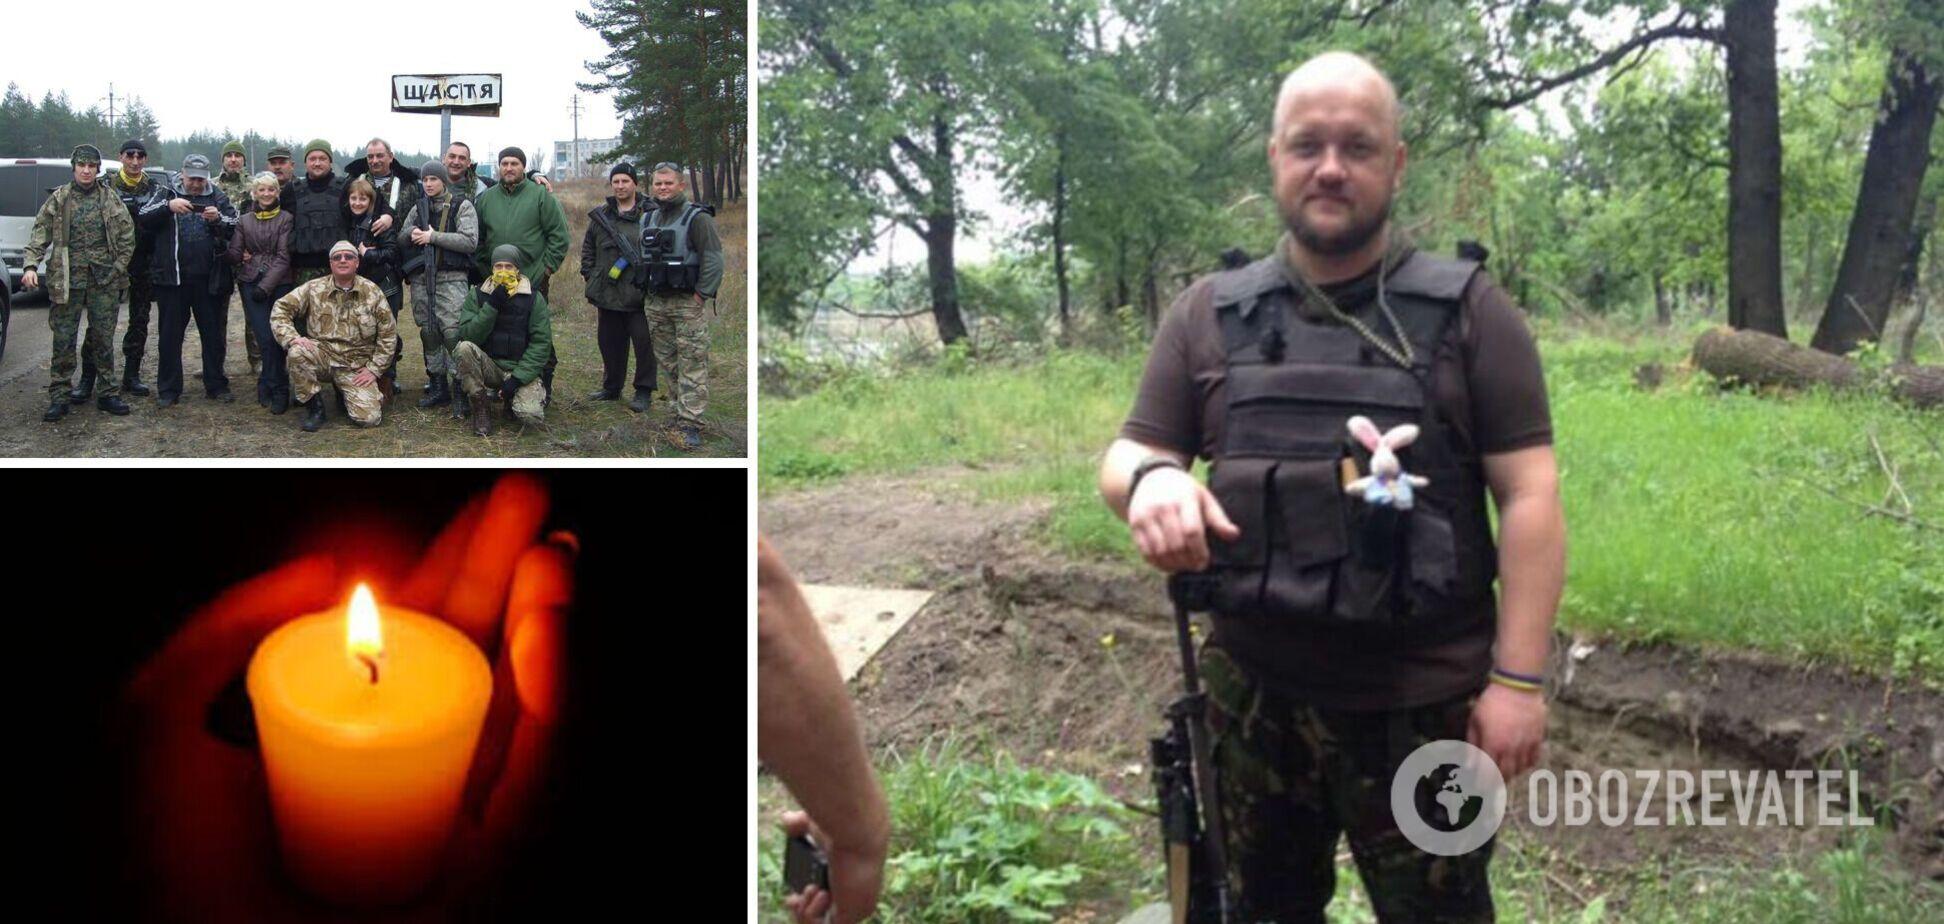 Дочка не може повірити і чекає вдома: подробиці смерті відомого ветерана АТО з 'Айдара'